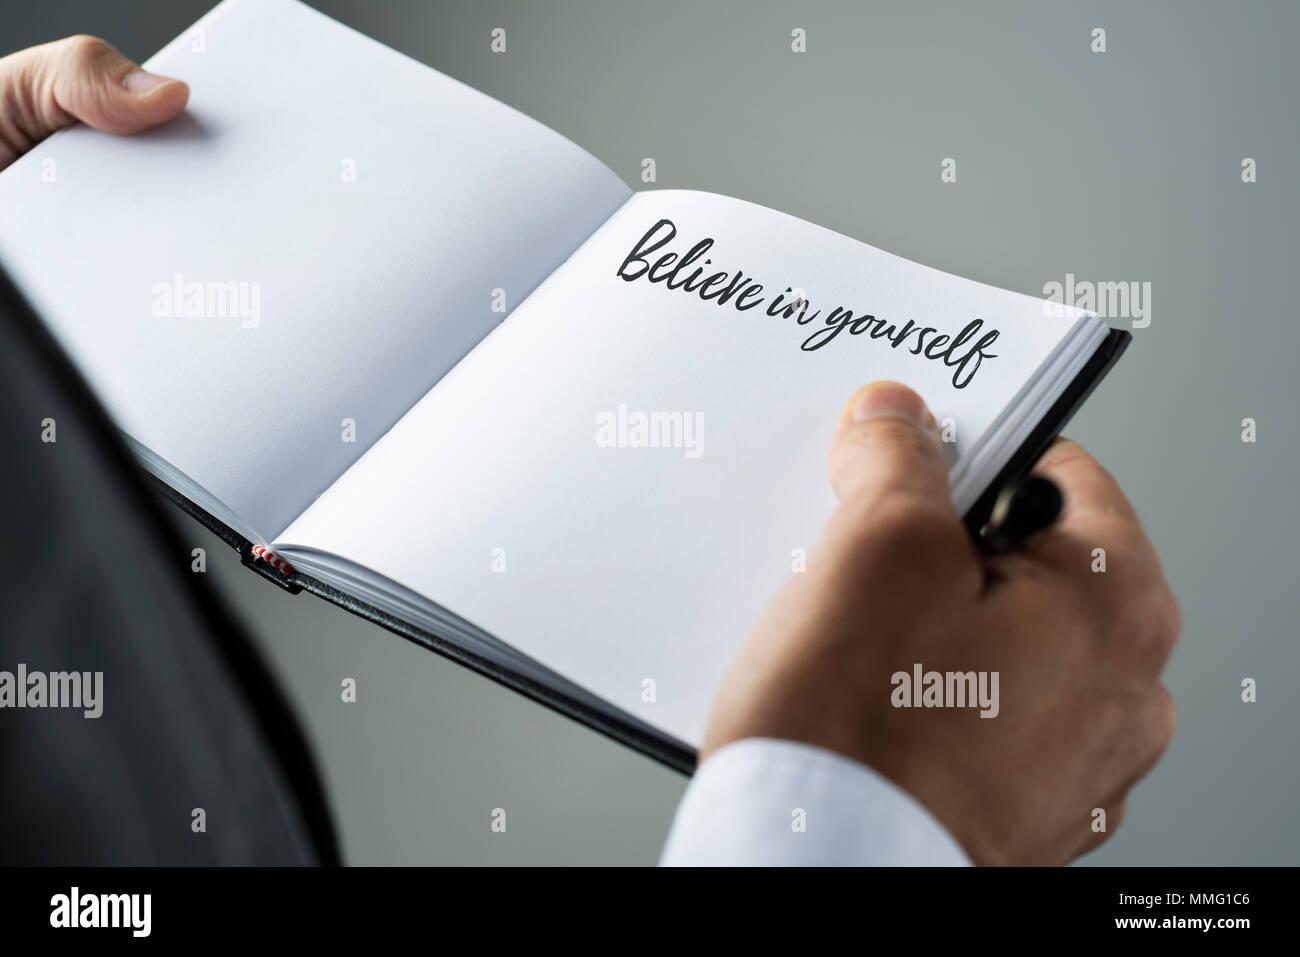 Primer plano de un joven hombre caucásico en un elegante traje con un portátil en sus manos con el texto creer en ti mismo escrito en él Imagen De Stock